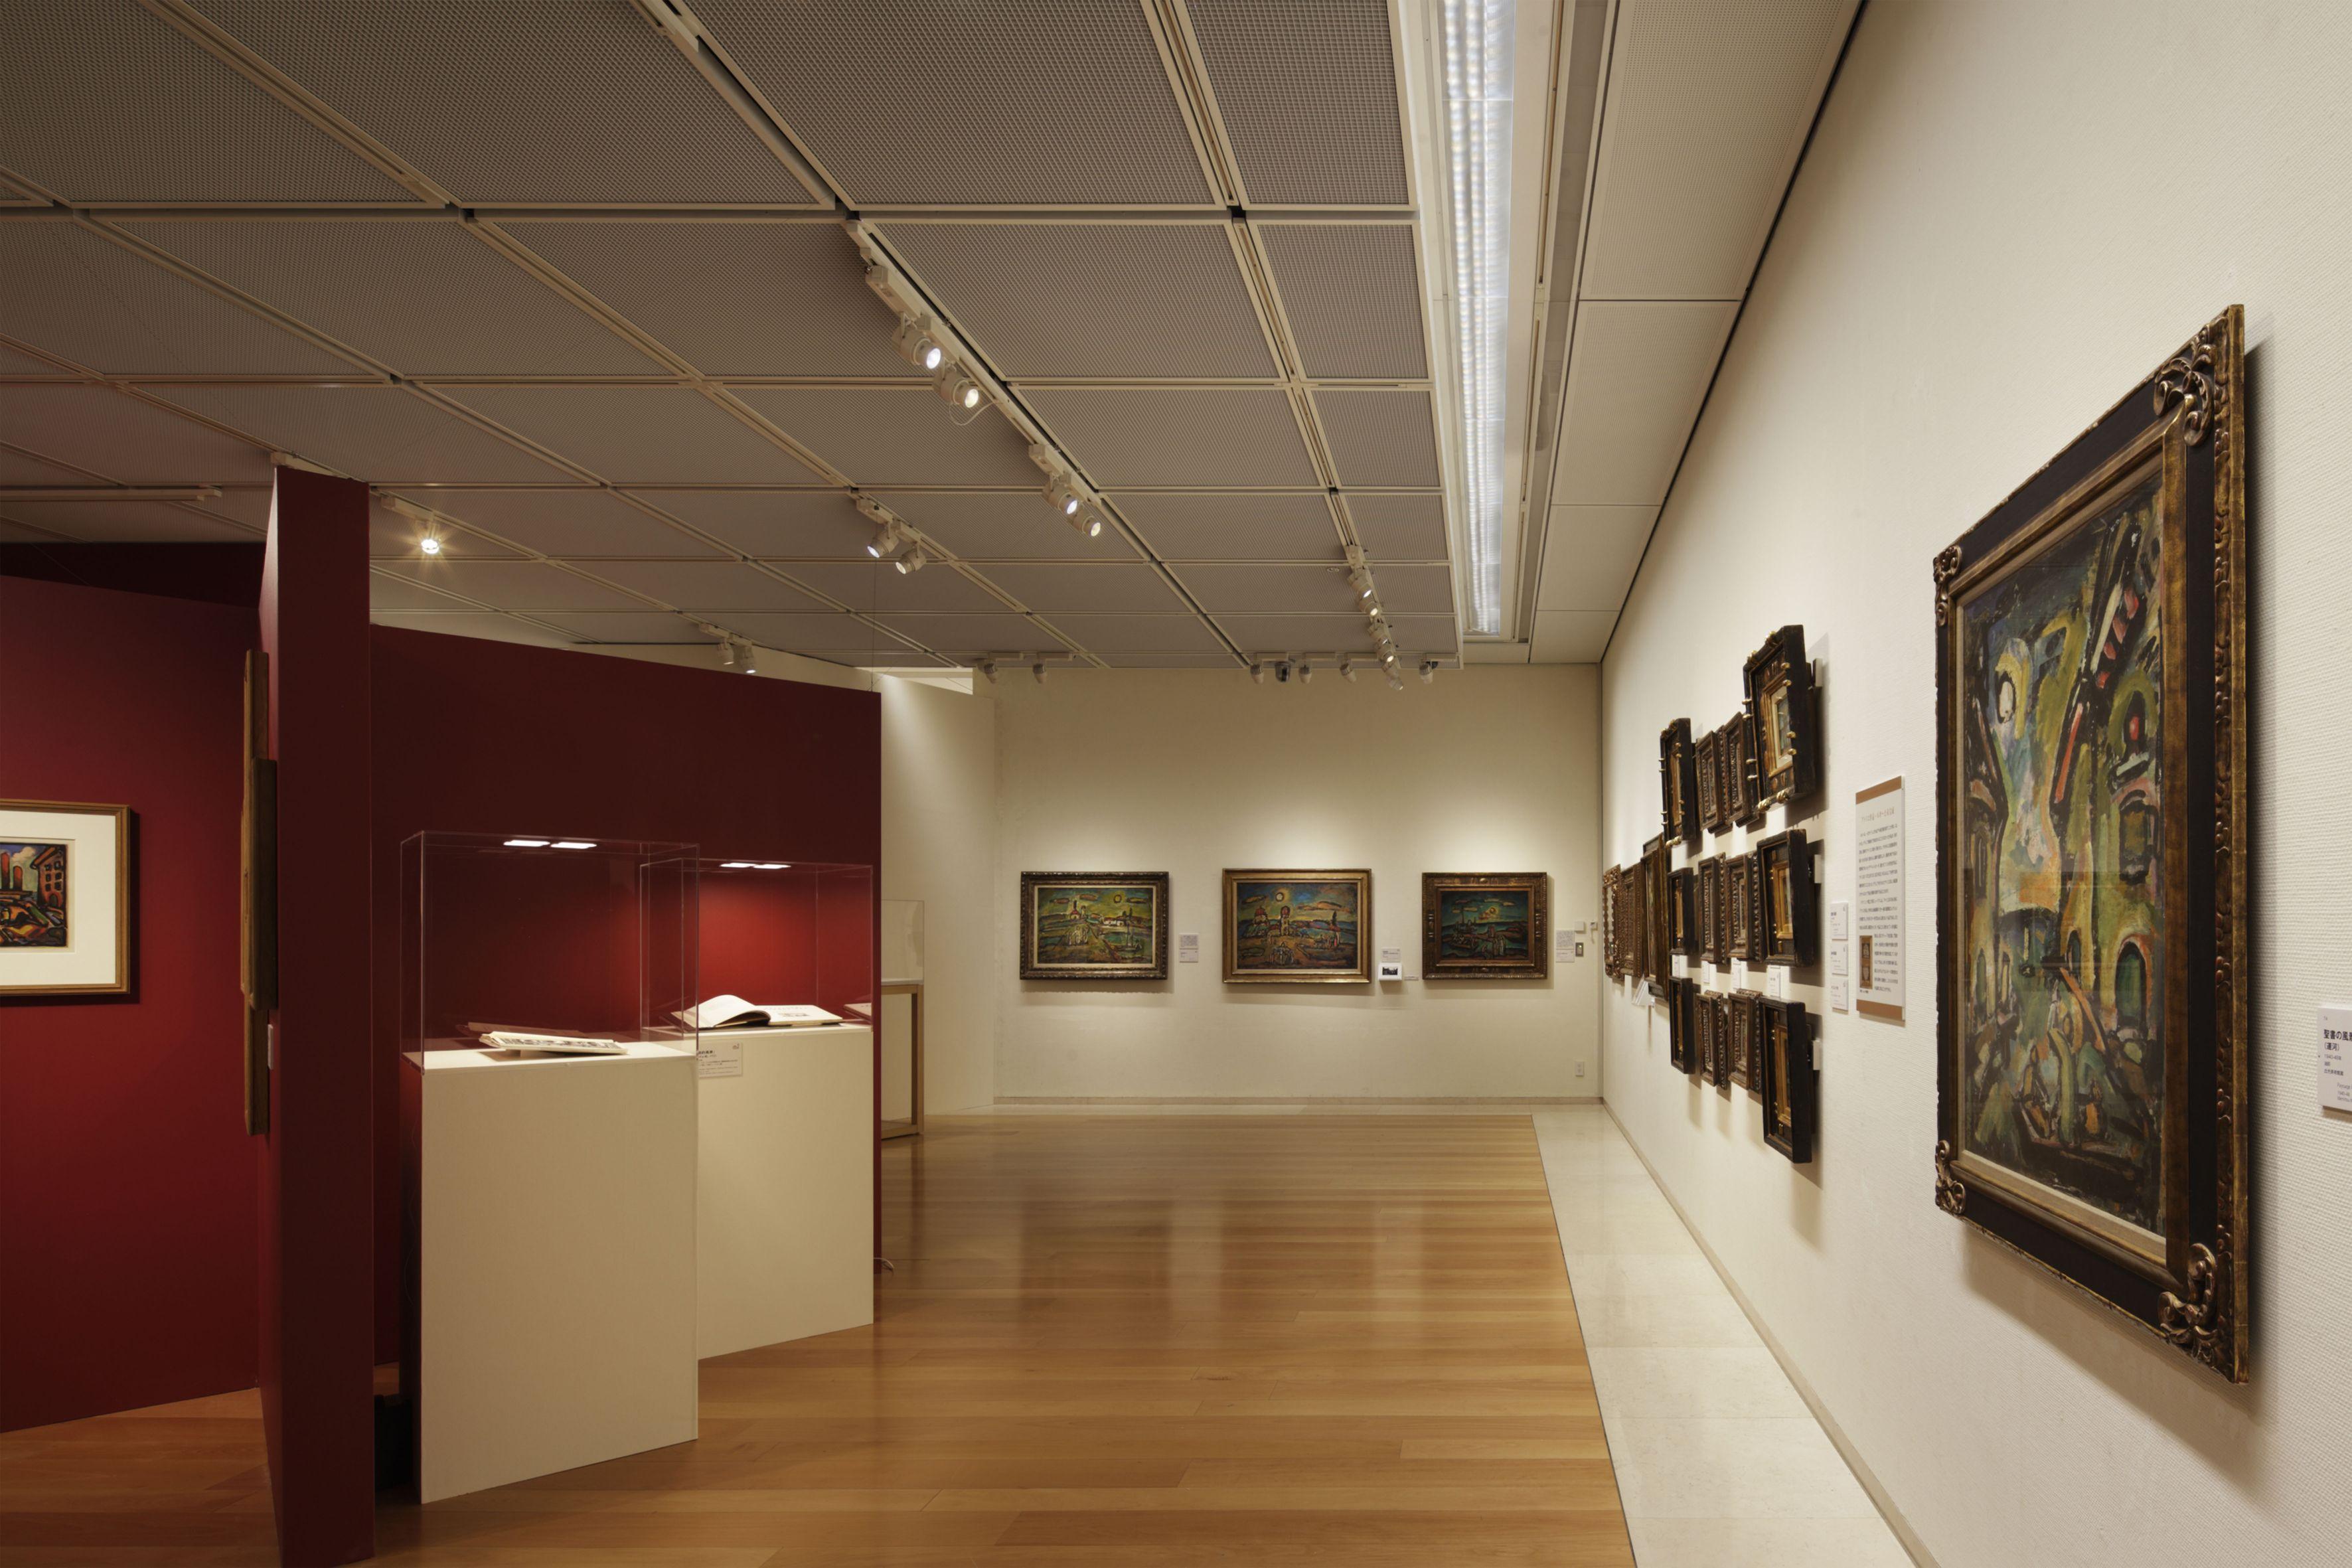 パナソニック電工 汐留ミュージアム ルオーと風景 -パリ、自然、詩情のヴィジョン-